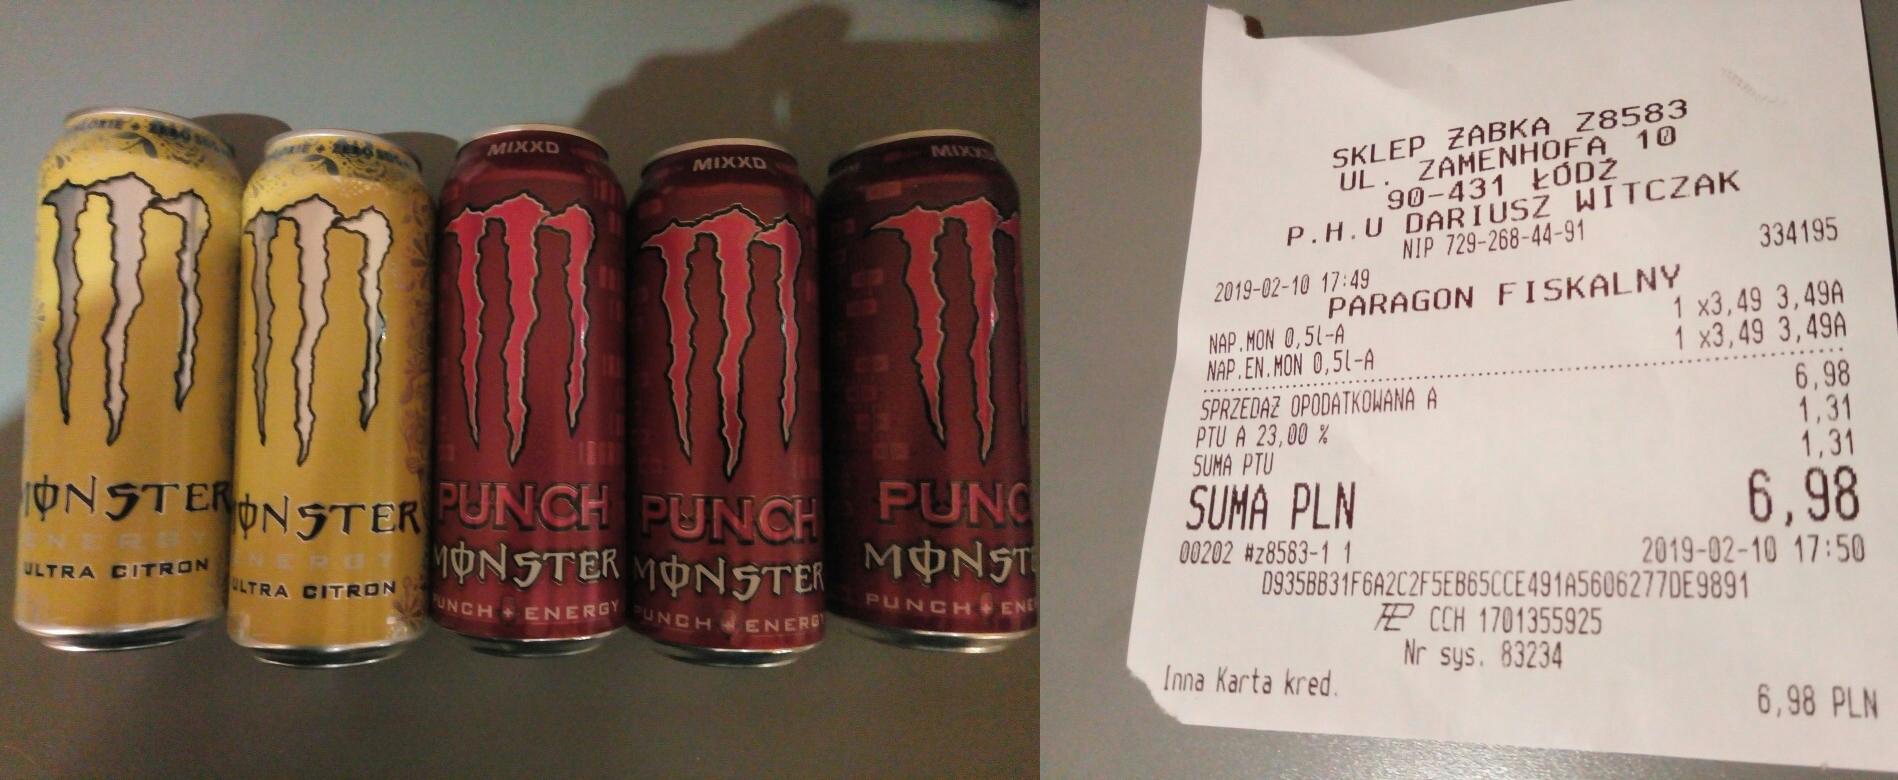 Monster Punch oraz Monster Ultra Citron - Żabka